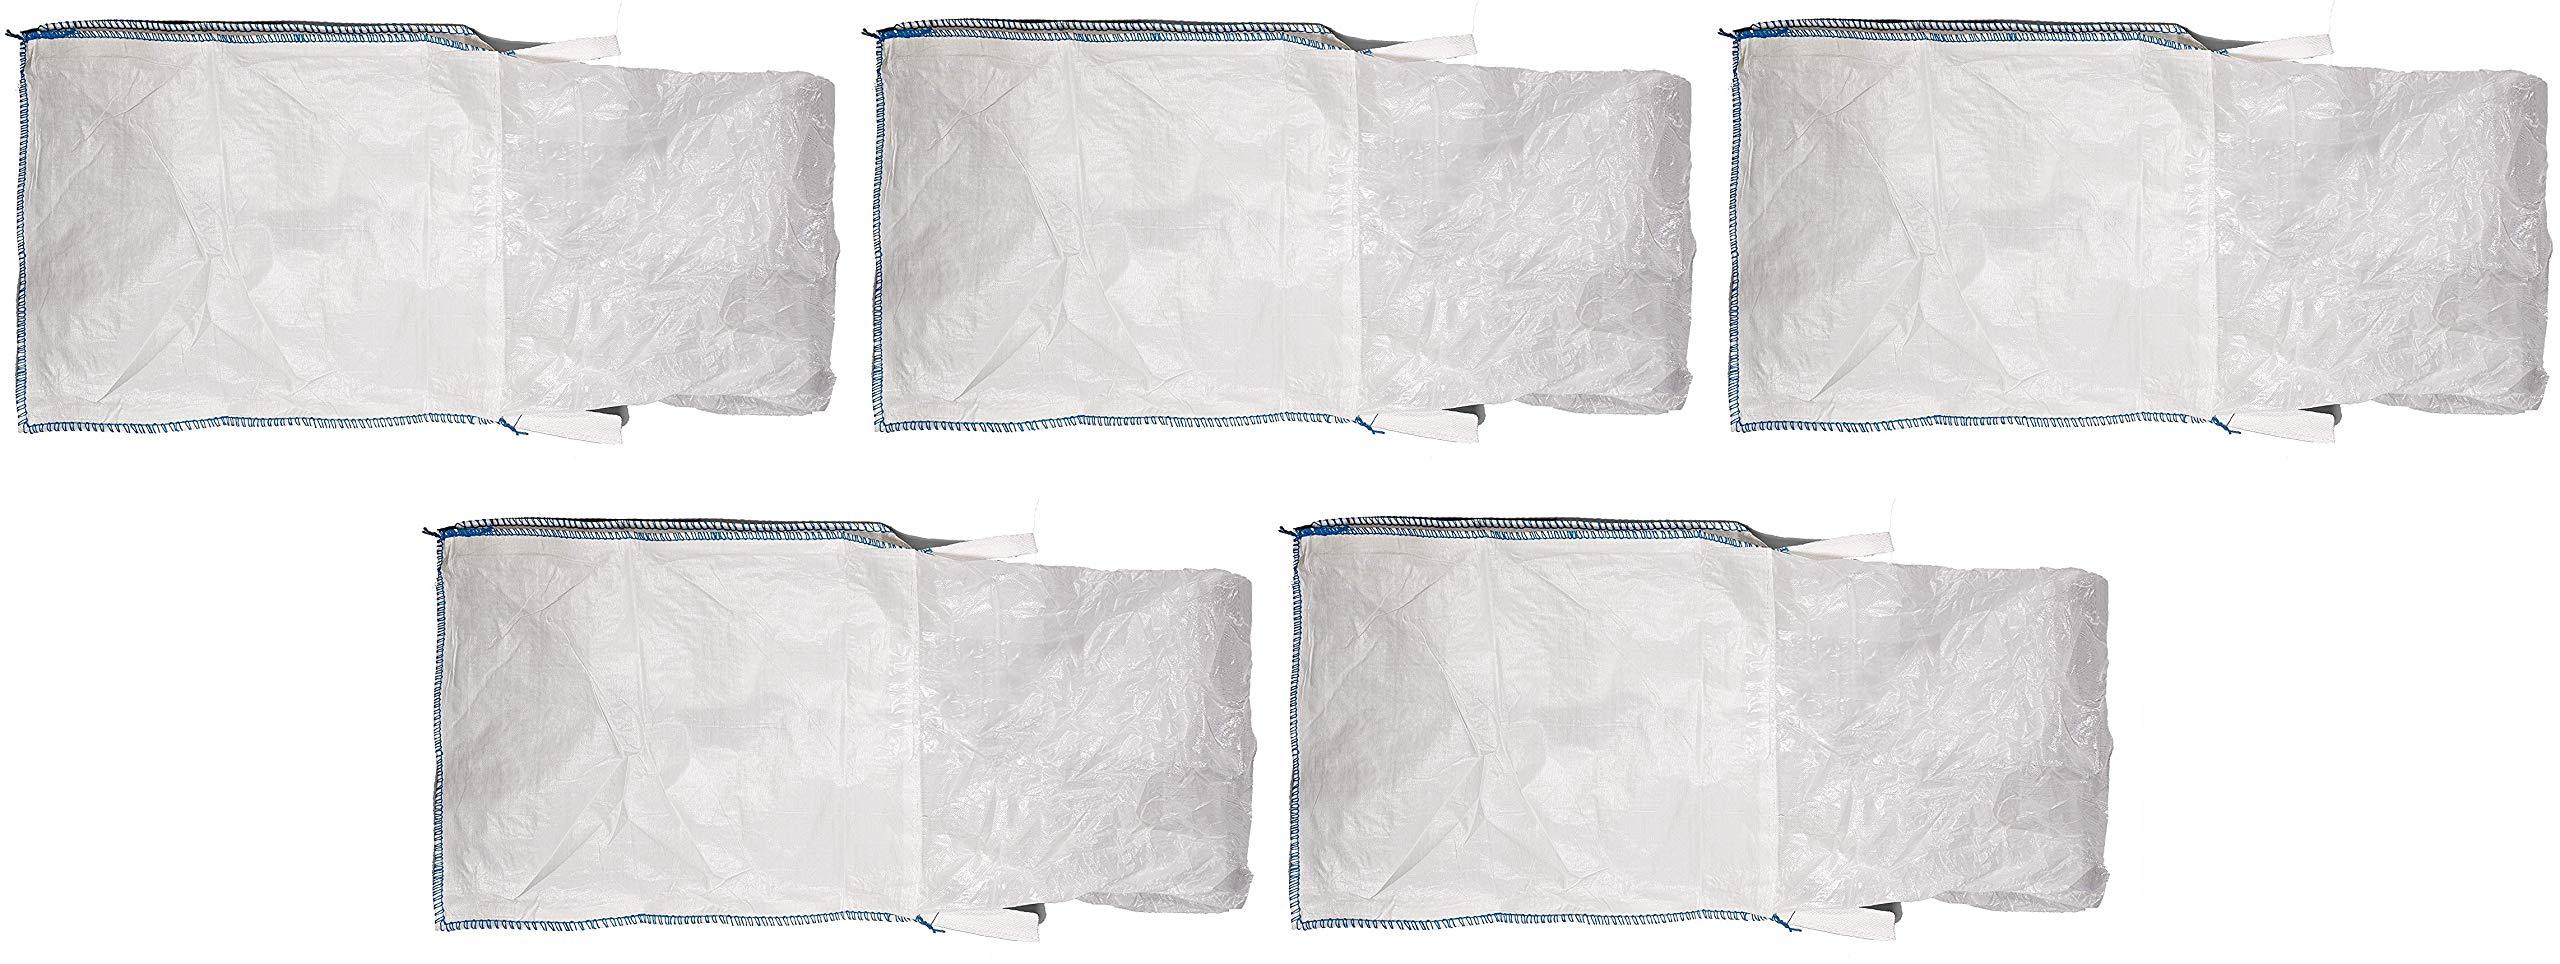 Mutual 14981 Polypropylene Bulk Bag, 3000 lbs Capacity, 3' Length x 3' Width x 3' Height (Вundlе оf Fіvе) by Mutual Industries (Image #1)